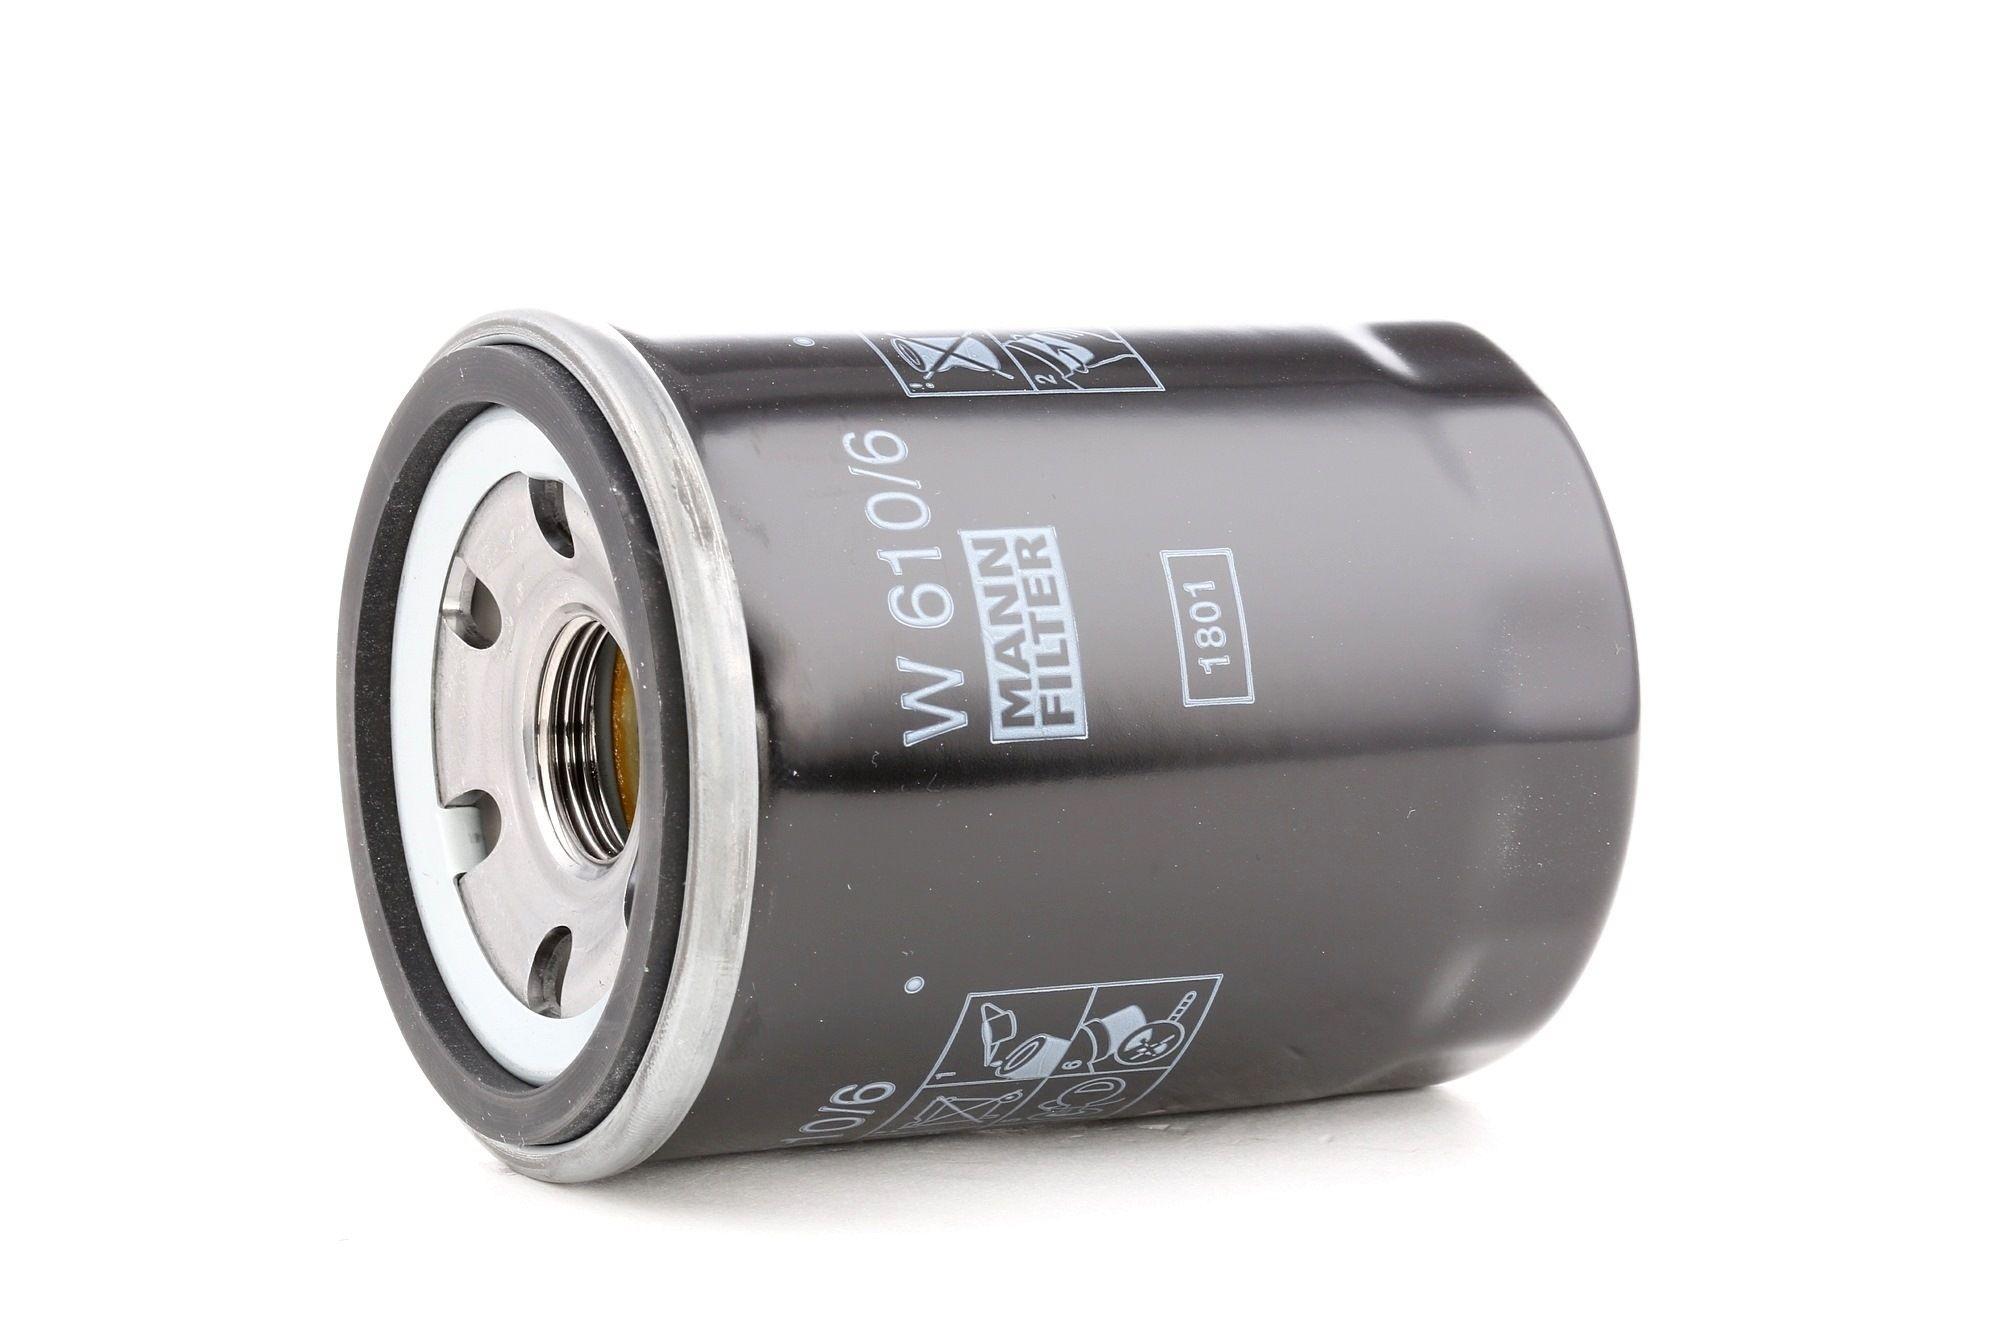 W 610/6 MANN-FILTER Screw-on Filter, with one anti-return valve Inner Diameter 2: 55mm, Inner Diameter 2: 55mm, Ø: 66mm, Outer diameter 2: 62mm, Height: 90mm Oil Filter W 610/6 cheap